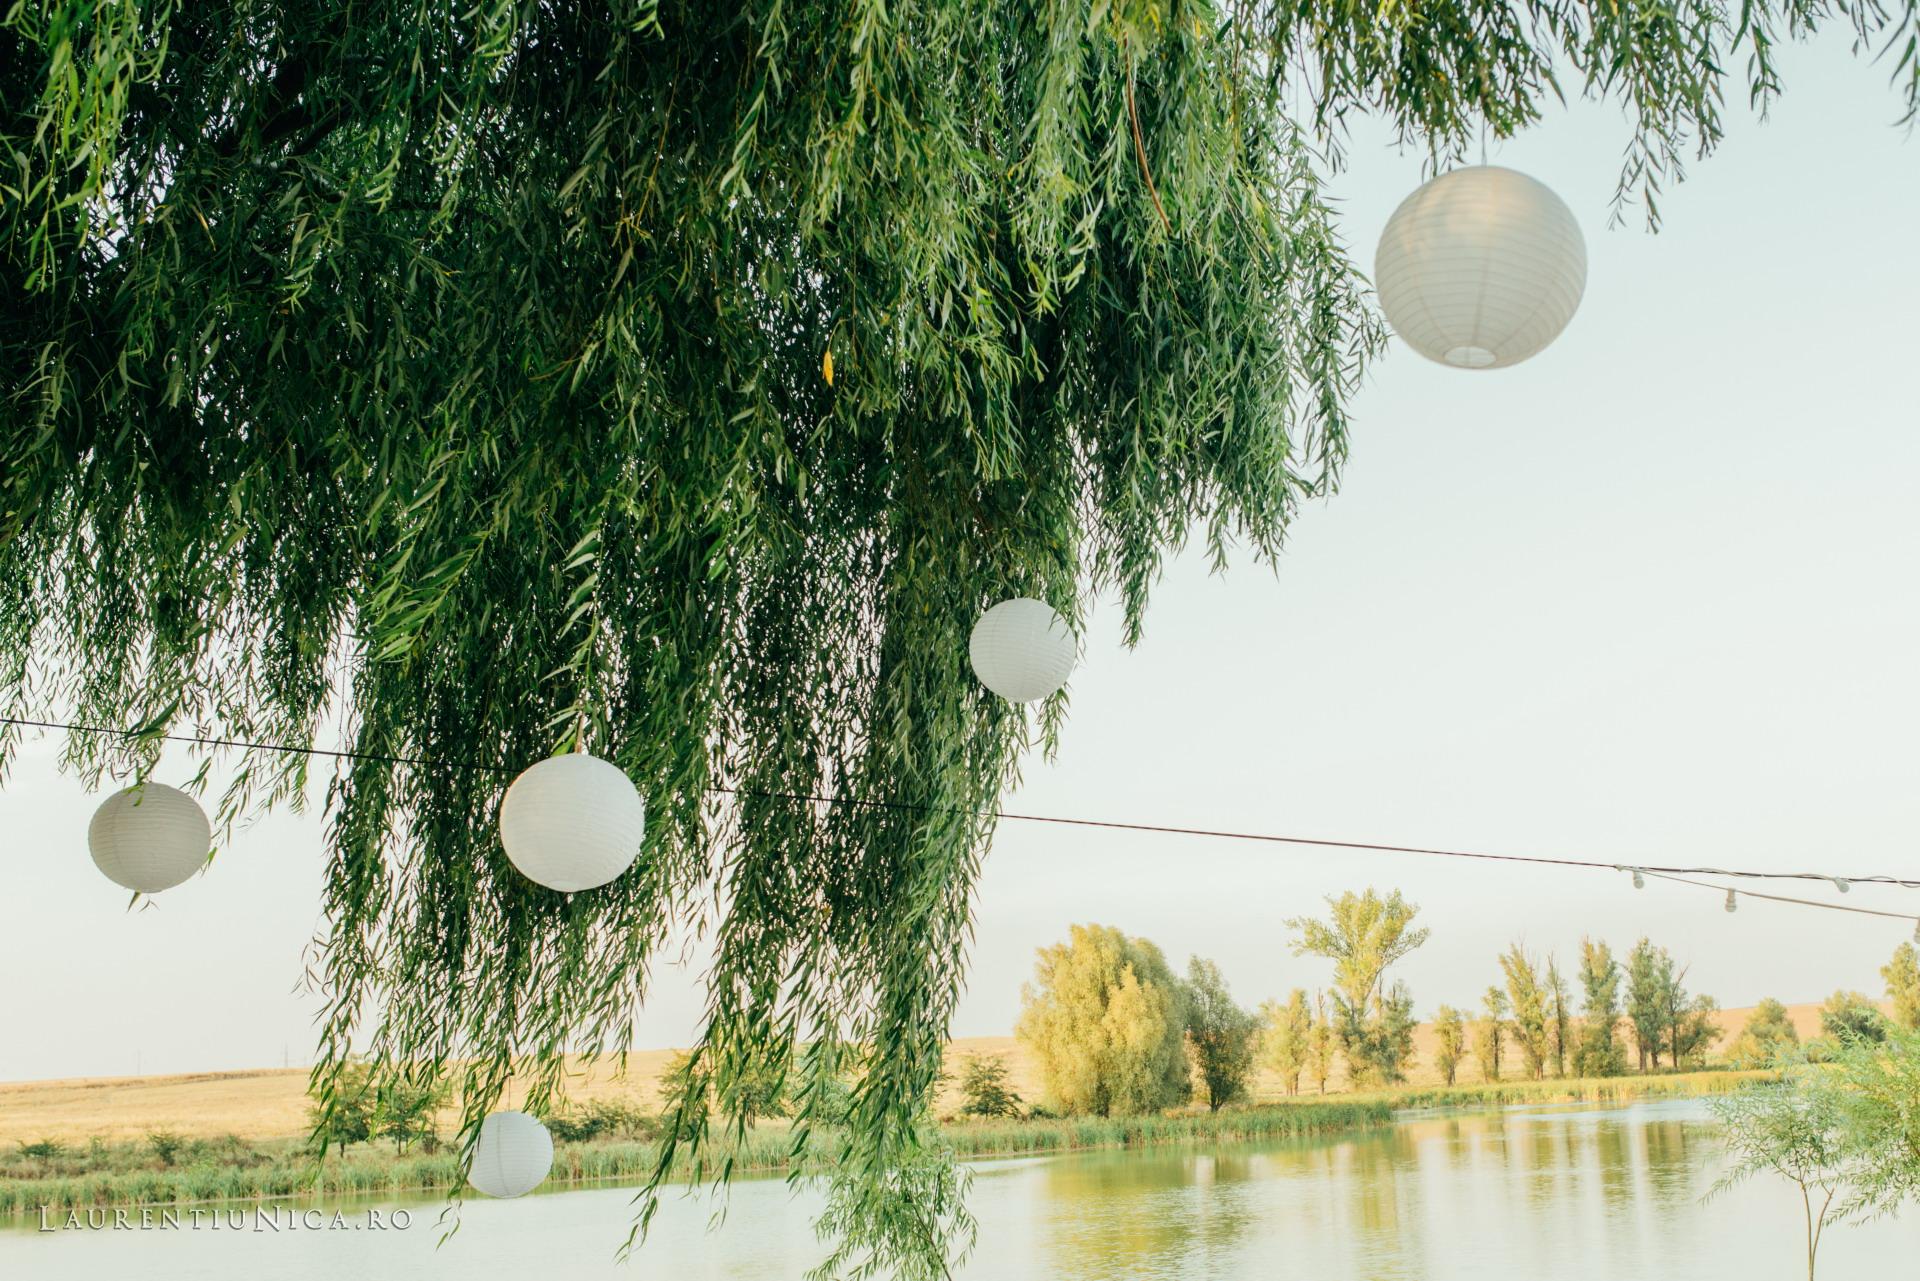 carolina si sorin craiova fotograf nunta laurentiu nica53 - Carolina & Sorin | Fotografii nunta